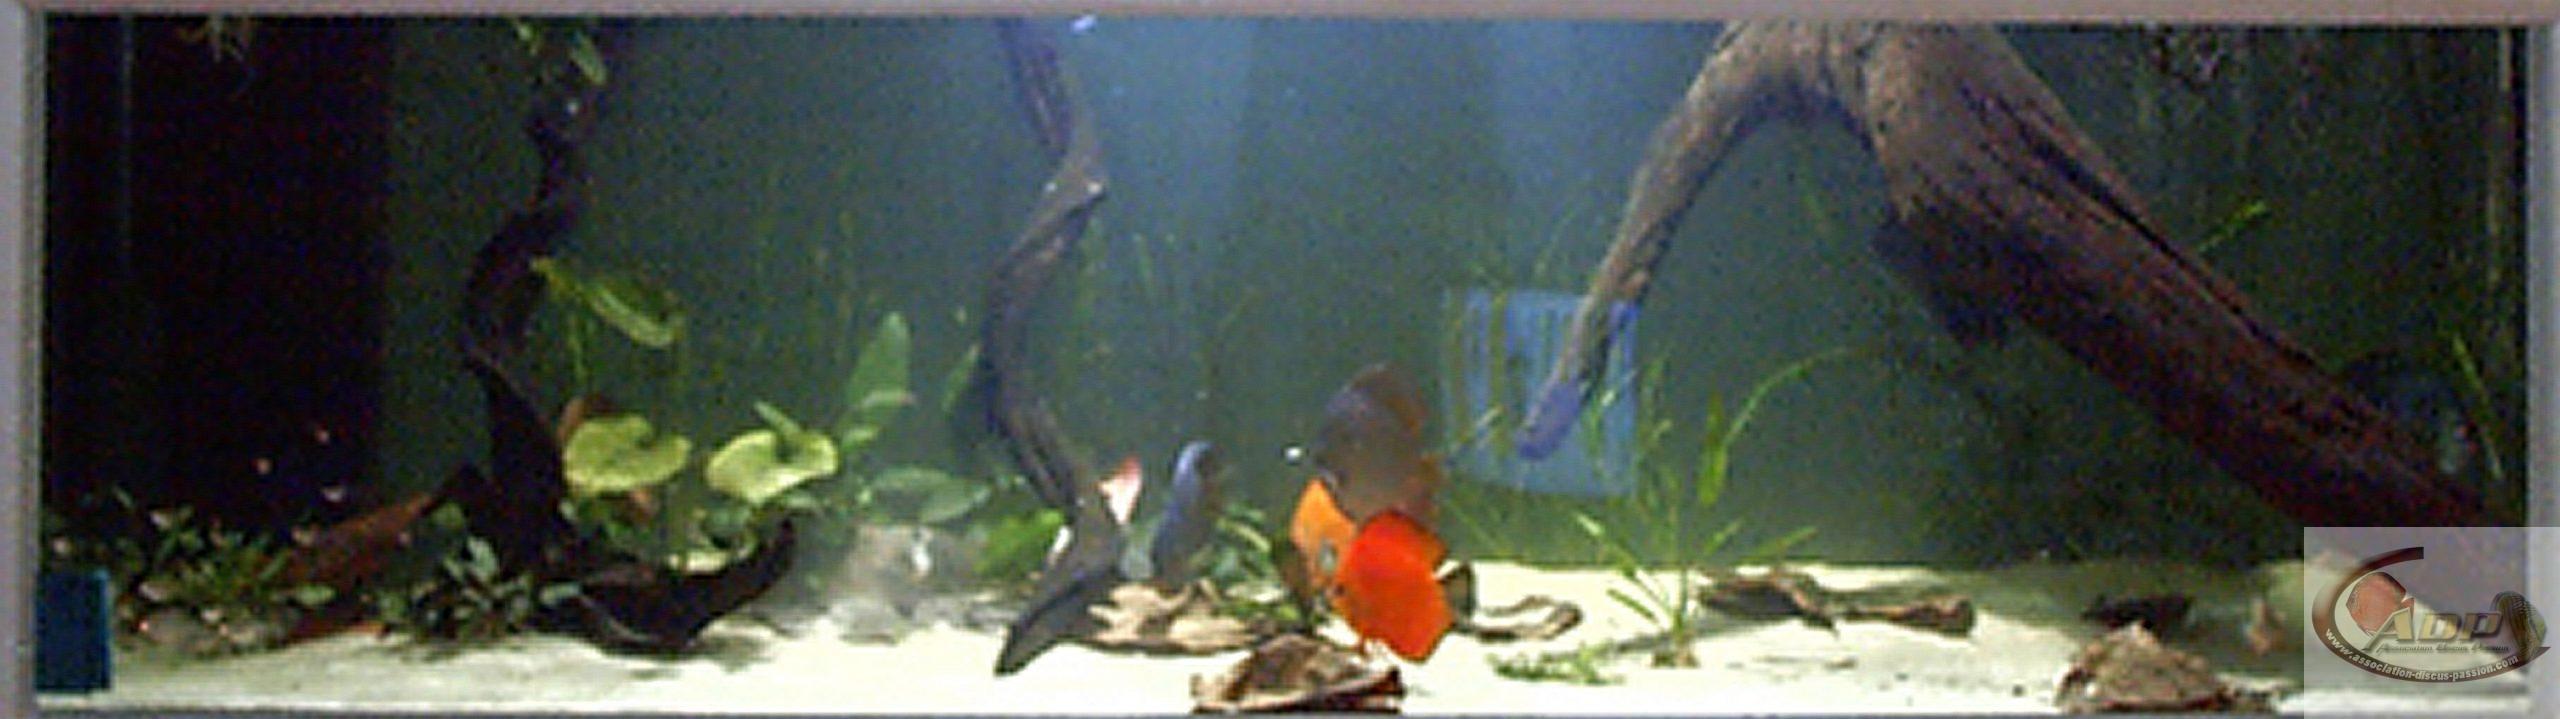 L'aquarium de John